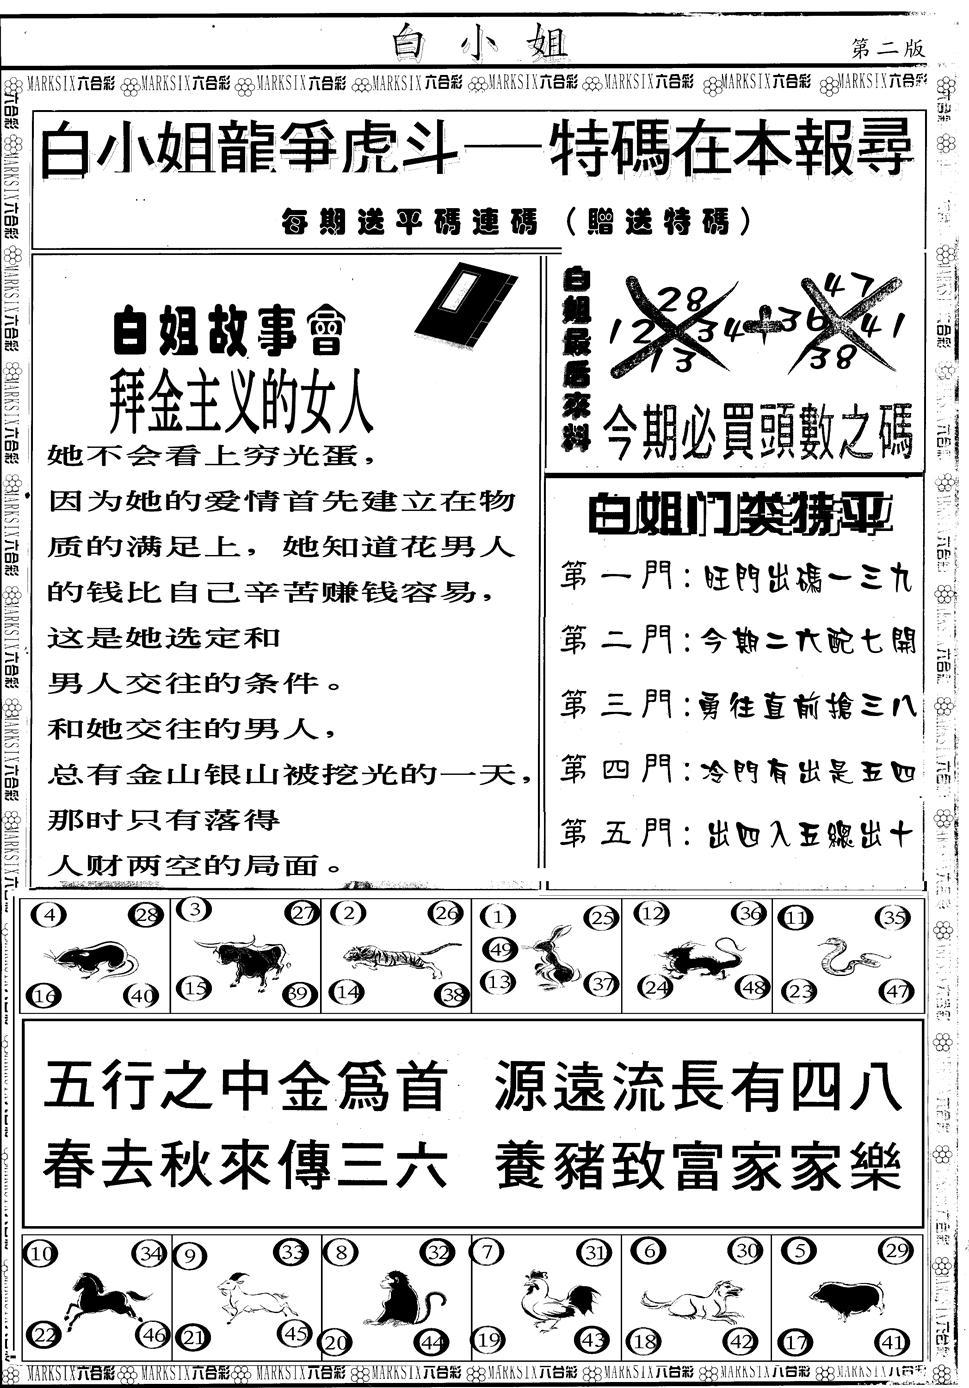 068期另版白小姐龙虎斗B(黑白)